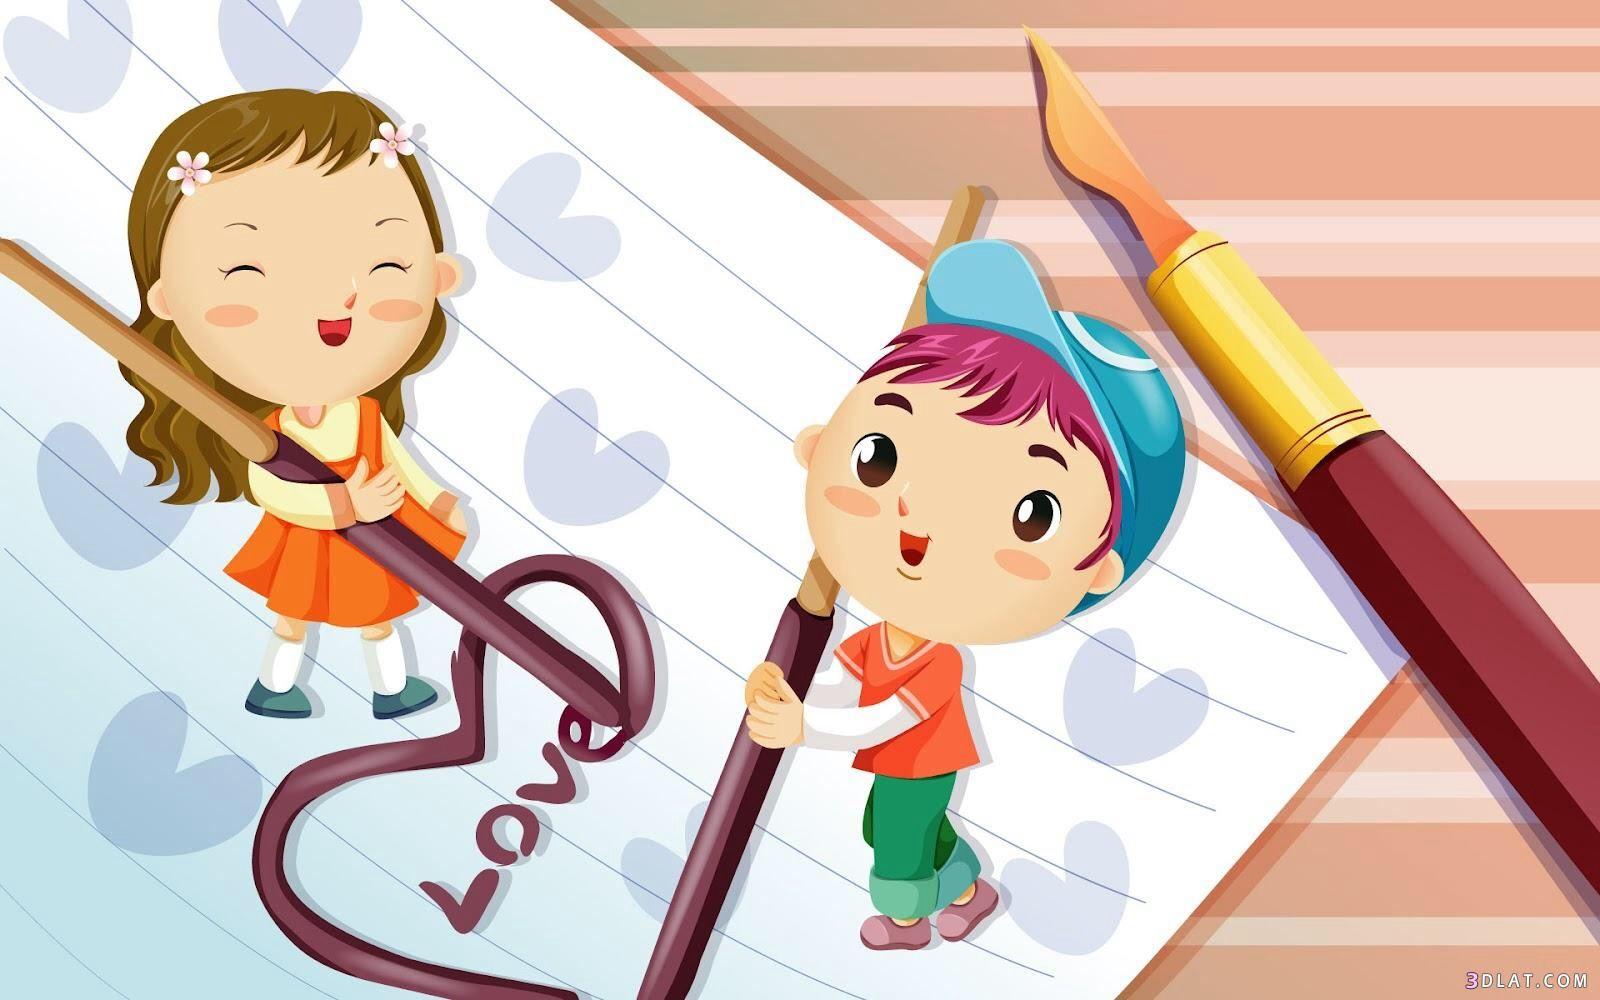 عبارات حب بالانجليزي مترجمة 2015 كلمات حب انجليزيه مترجمة 2015 Cute Couple Wallpaper Cute Love Wallpapers Love Couple Wallpaper